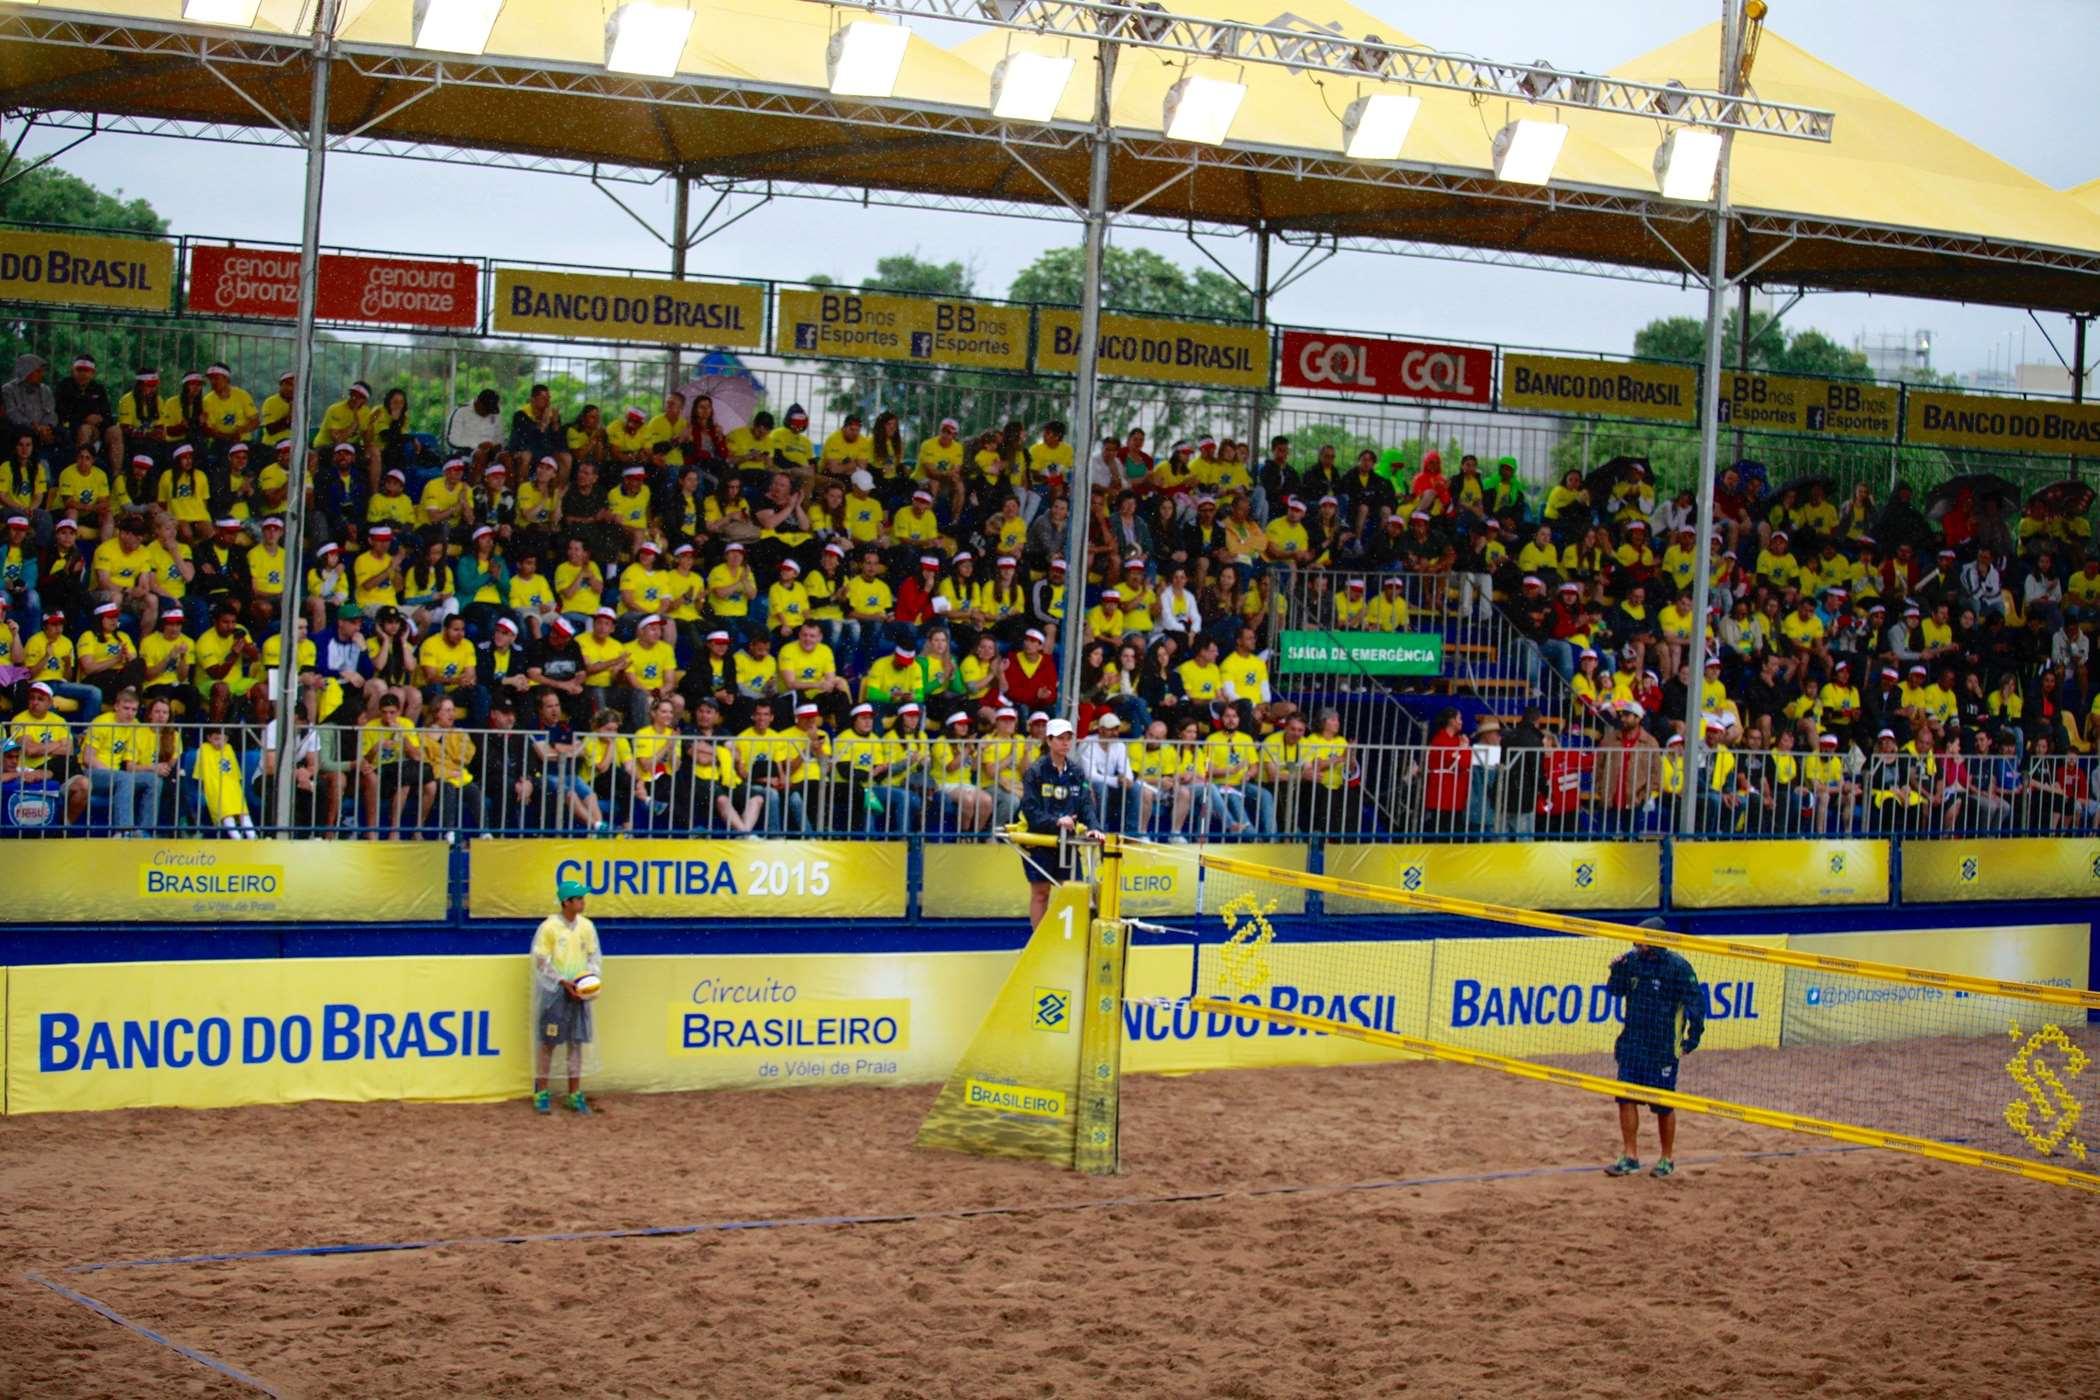 Circuito Banco Do Brasil : Circuito banco do brasil archives olimpíada todo dia